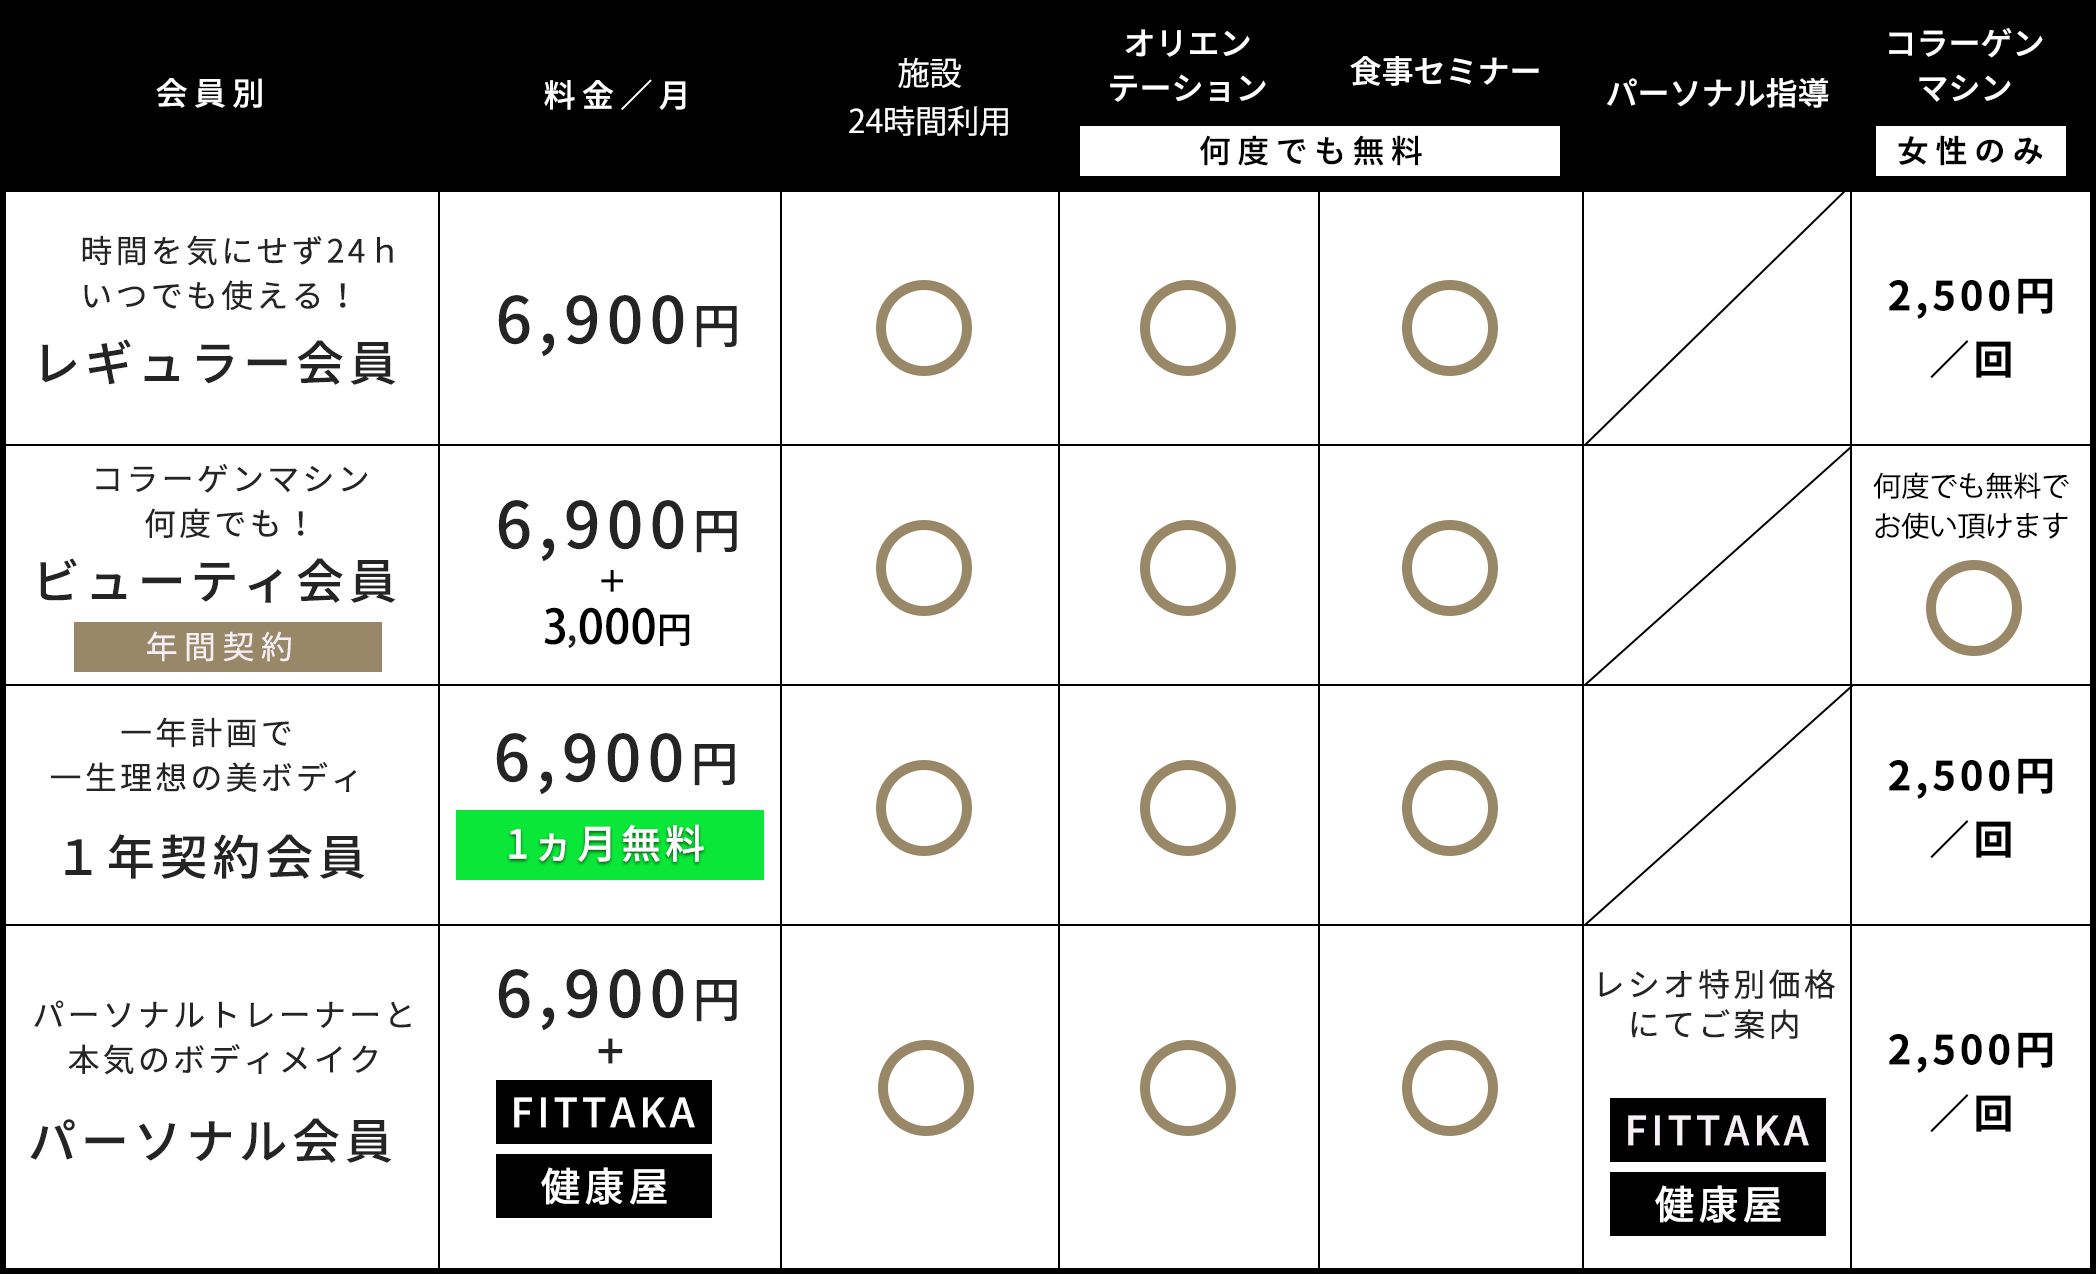 岡山北区 ジム RETIO BODY DESIGN(レシオ・ボディ・デザイン)会員様 料金表